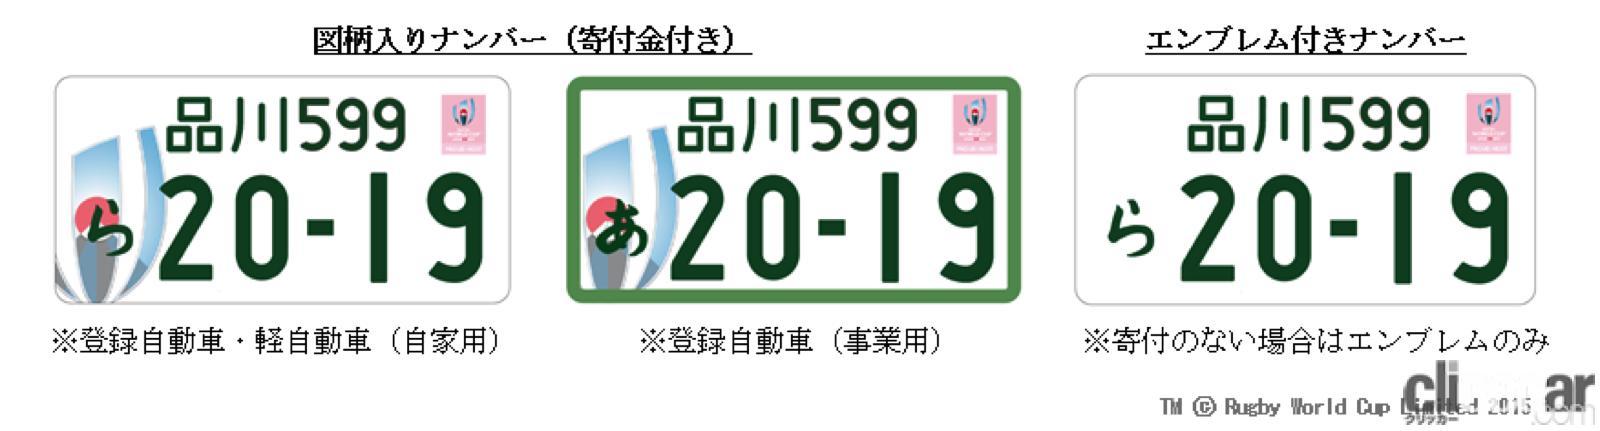 「軽自動車の黄色ナンバーが嫌な人が38%!9月に終了する白い東京オリパラ特別ナンバーの後継はある? 」の4枚目の画像